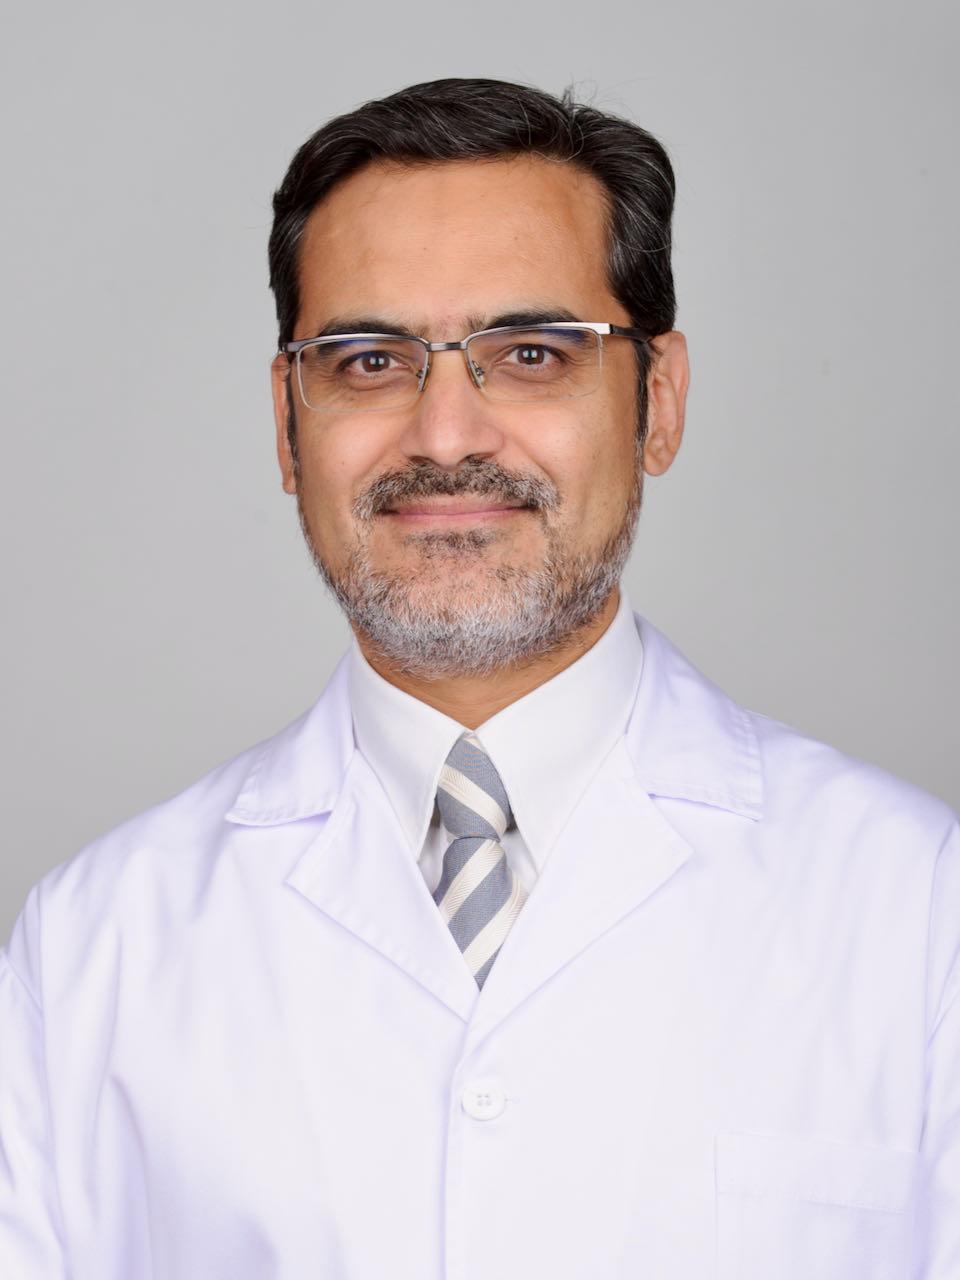 Dr. Rafael Villalobos Mori